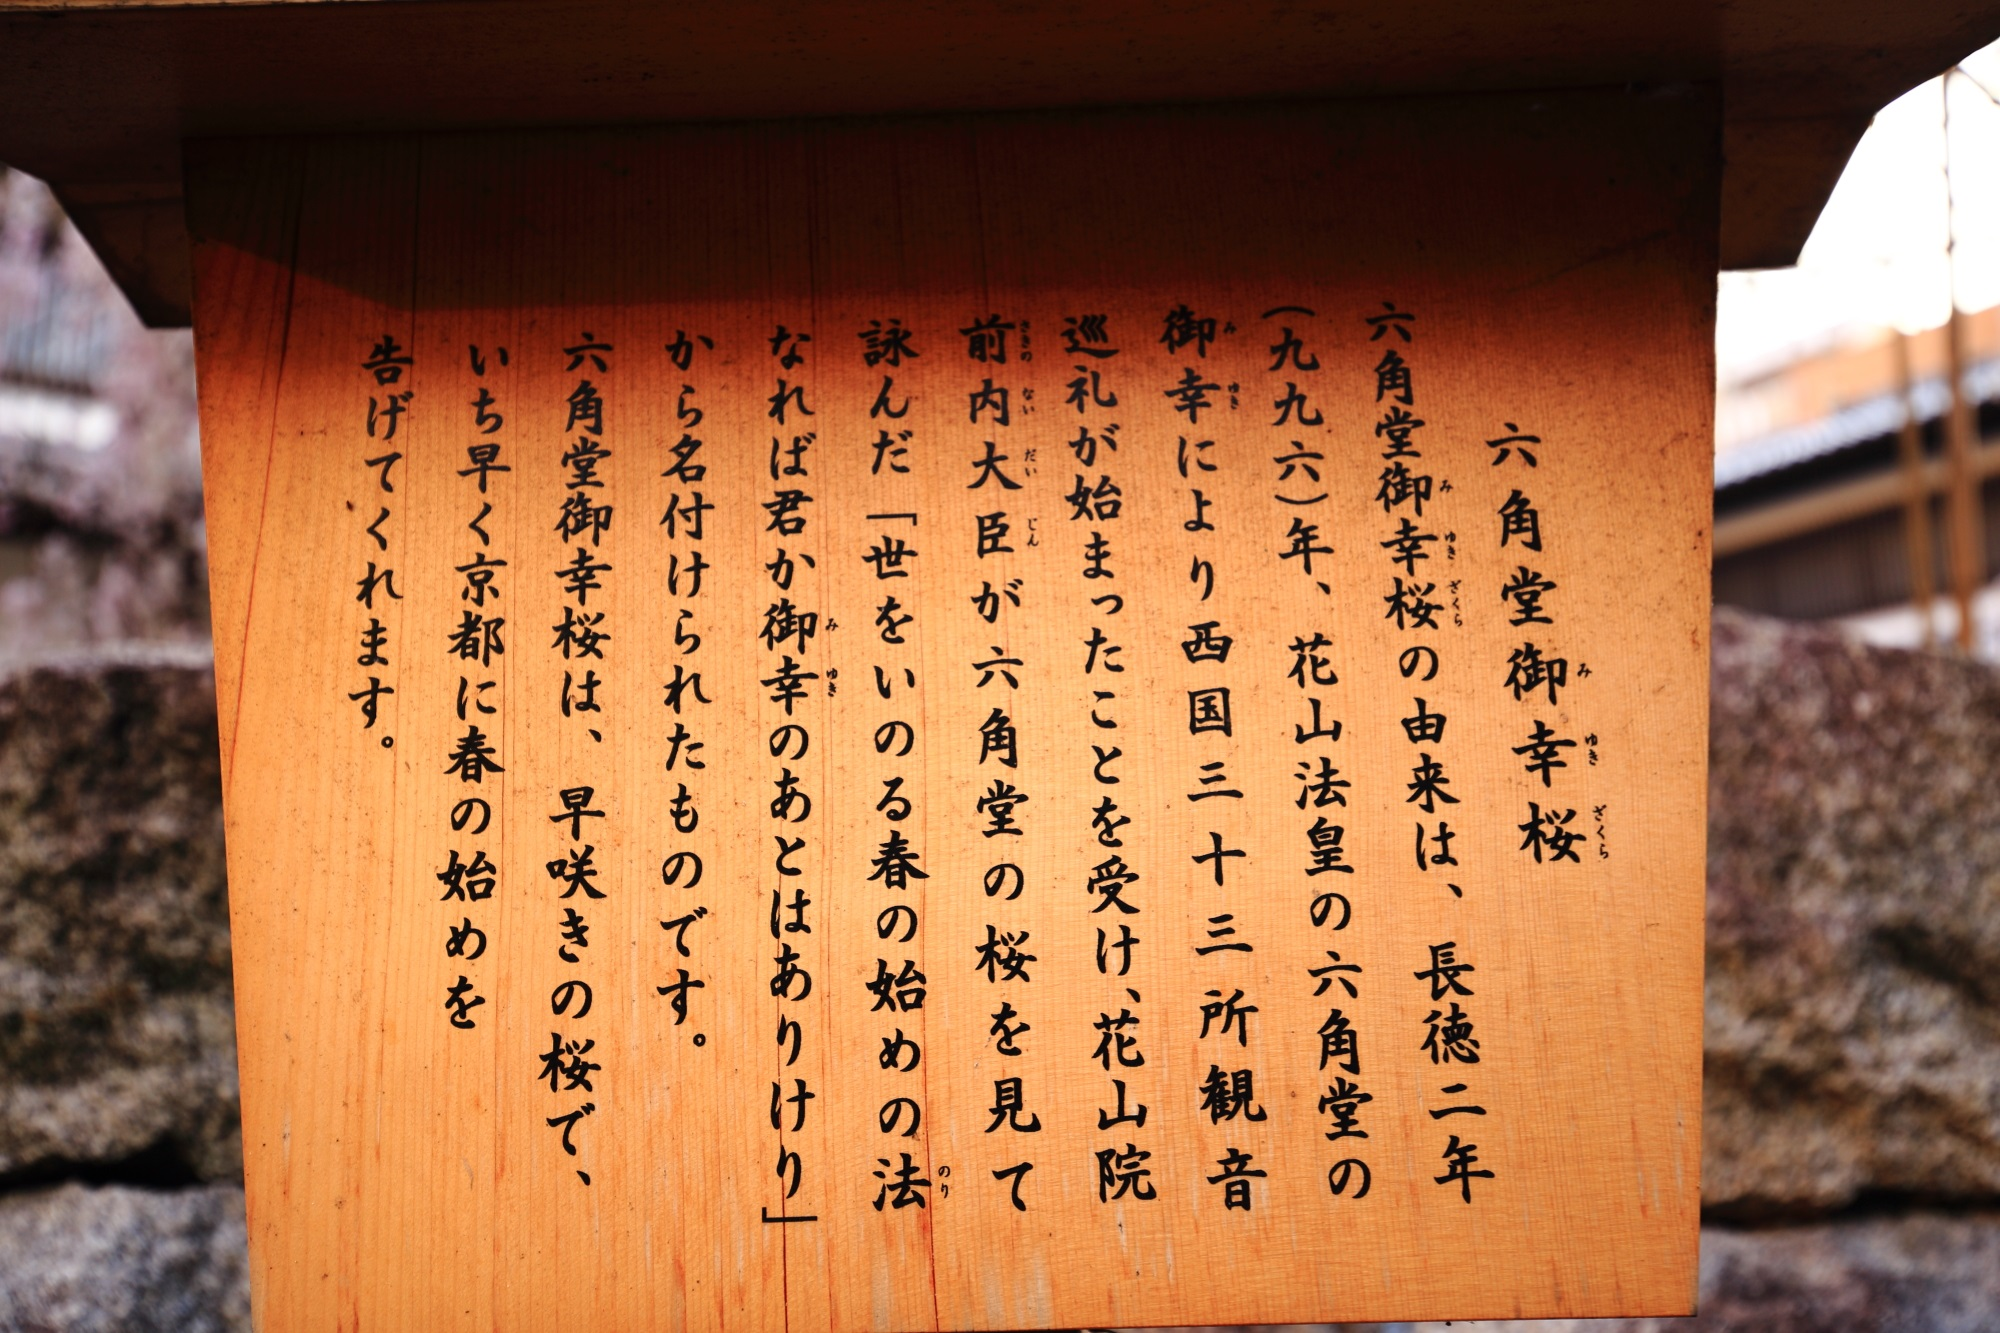 六角堂の御幸桜の説明